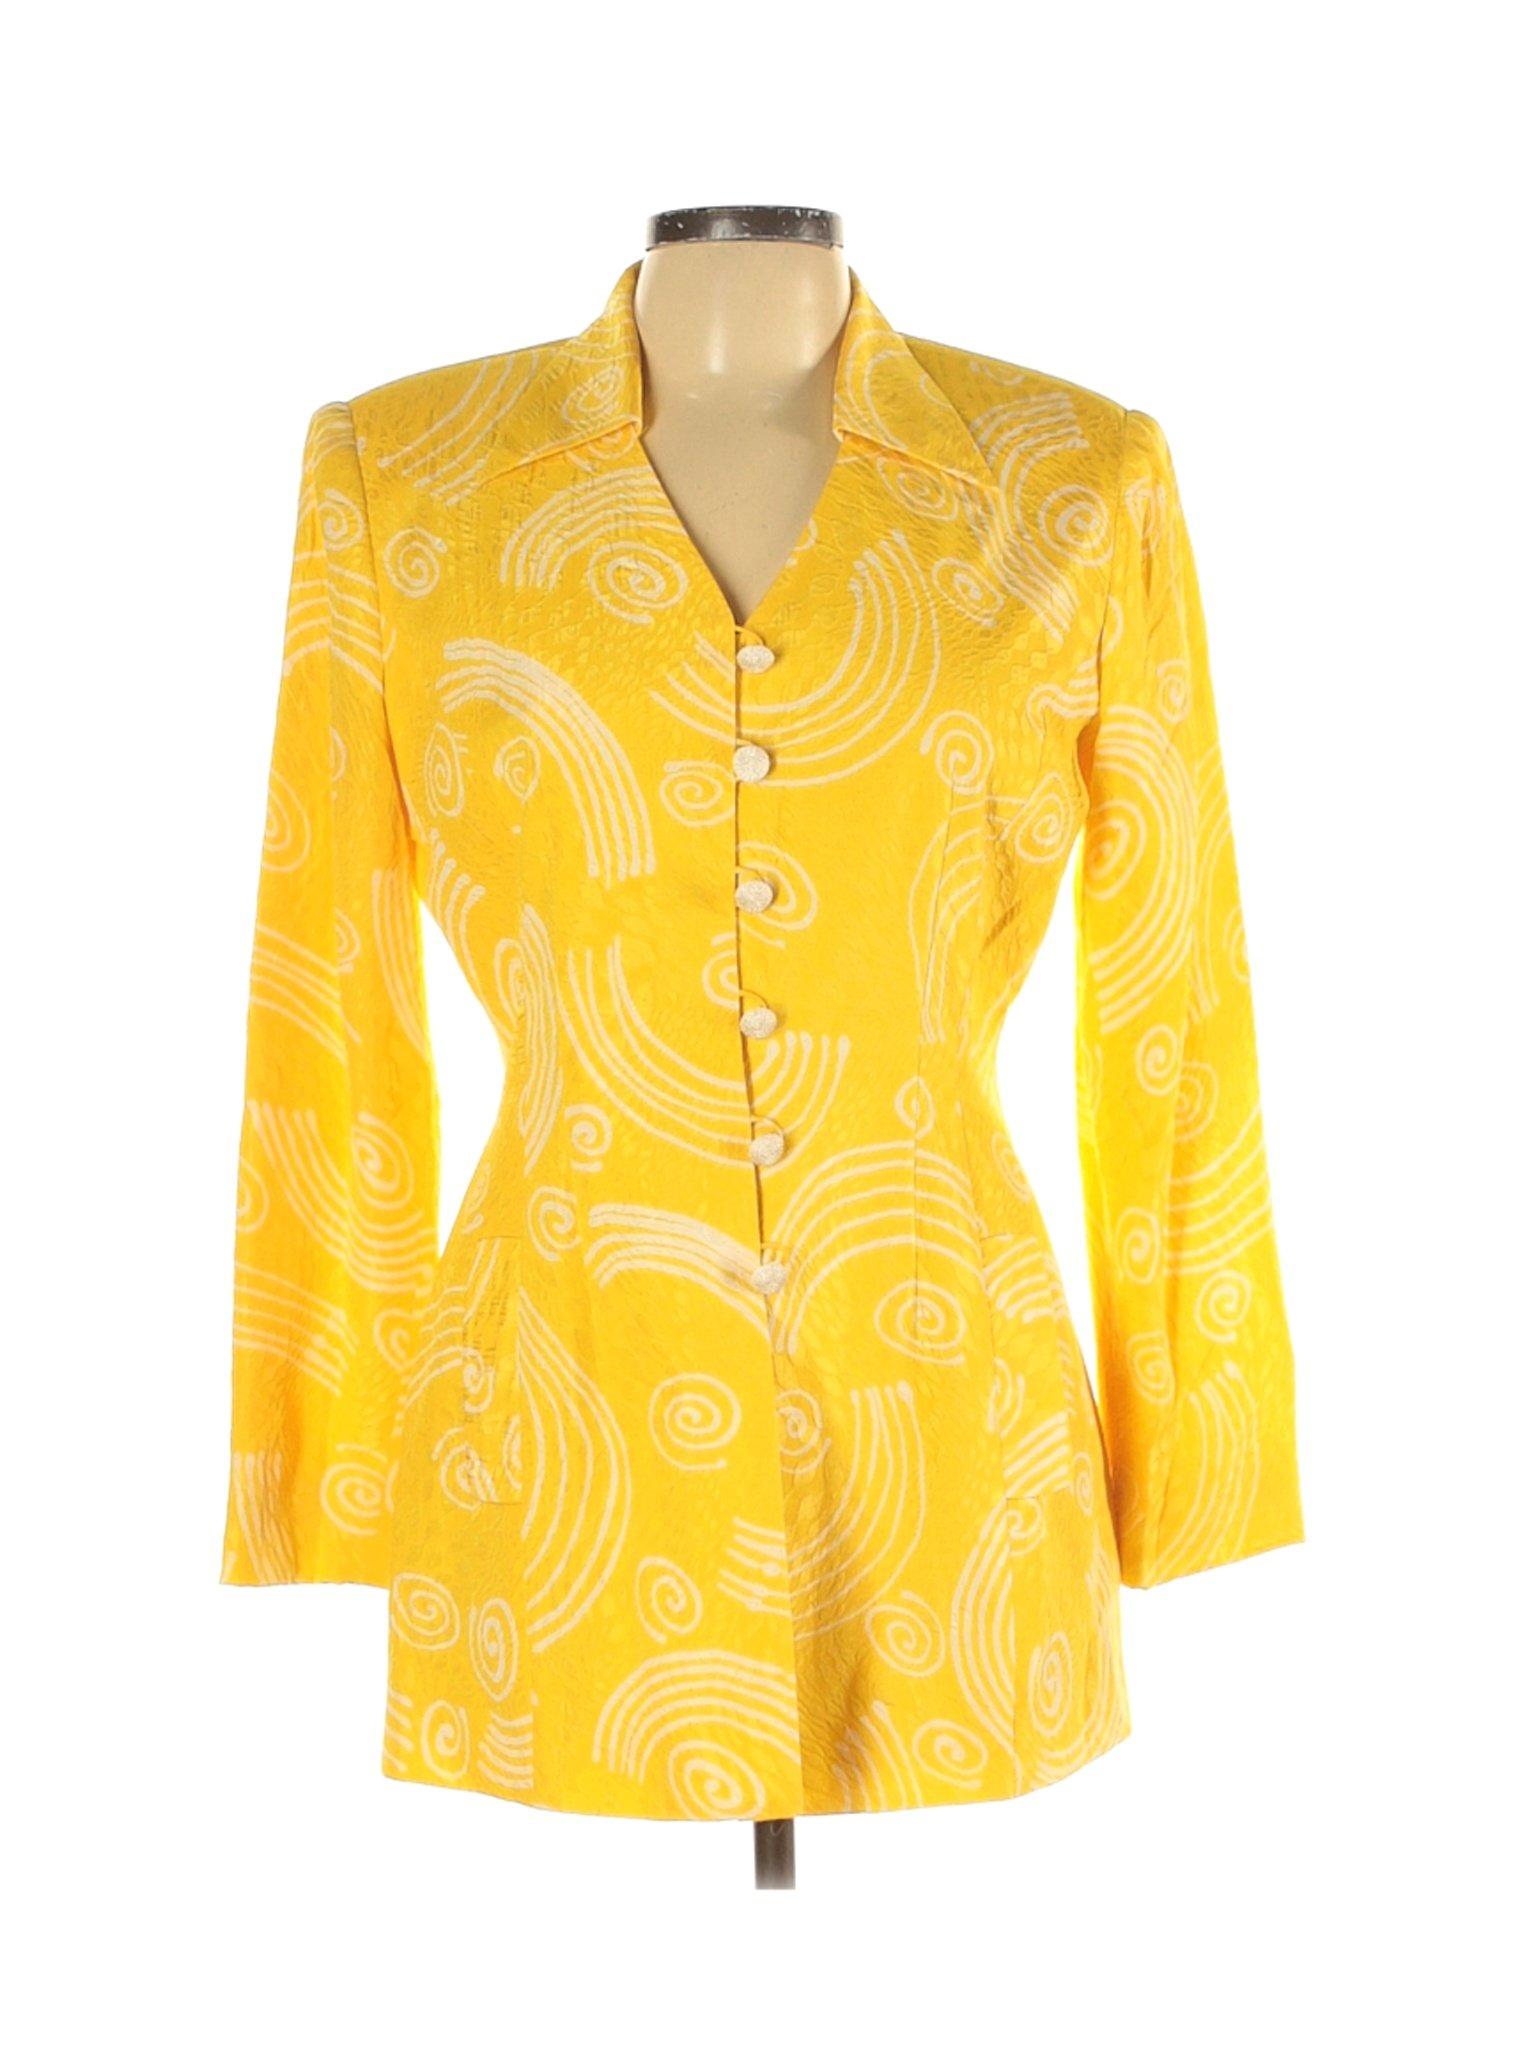 Vintage 1980s Anne Crimmins for Umi silk blazer